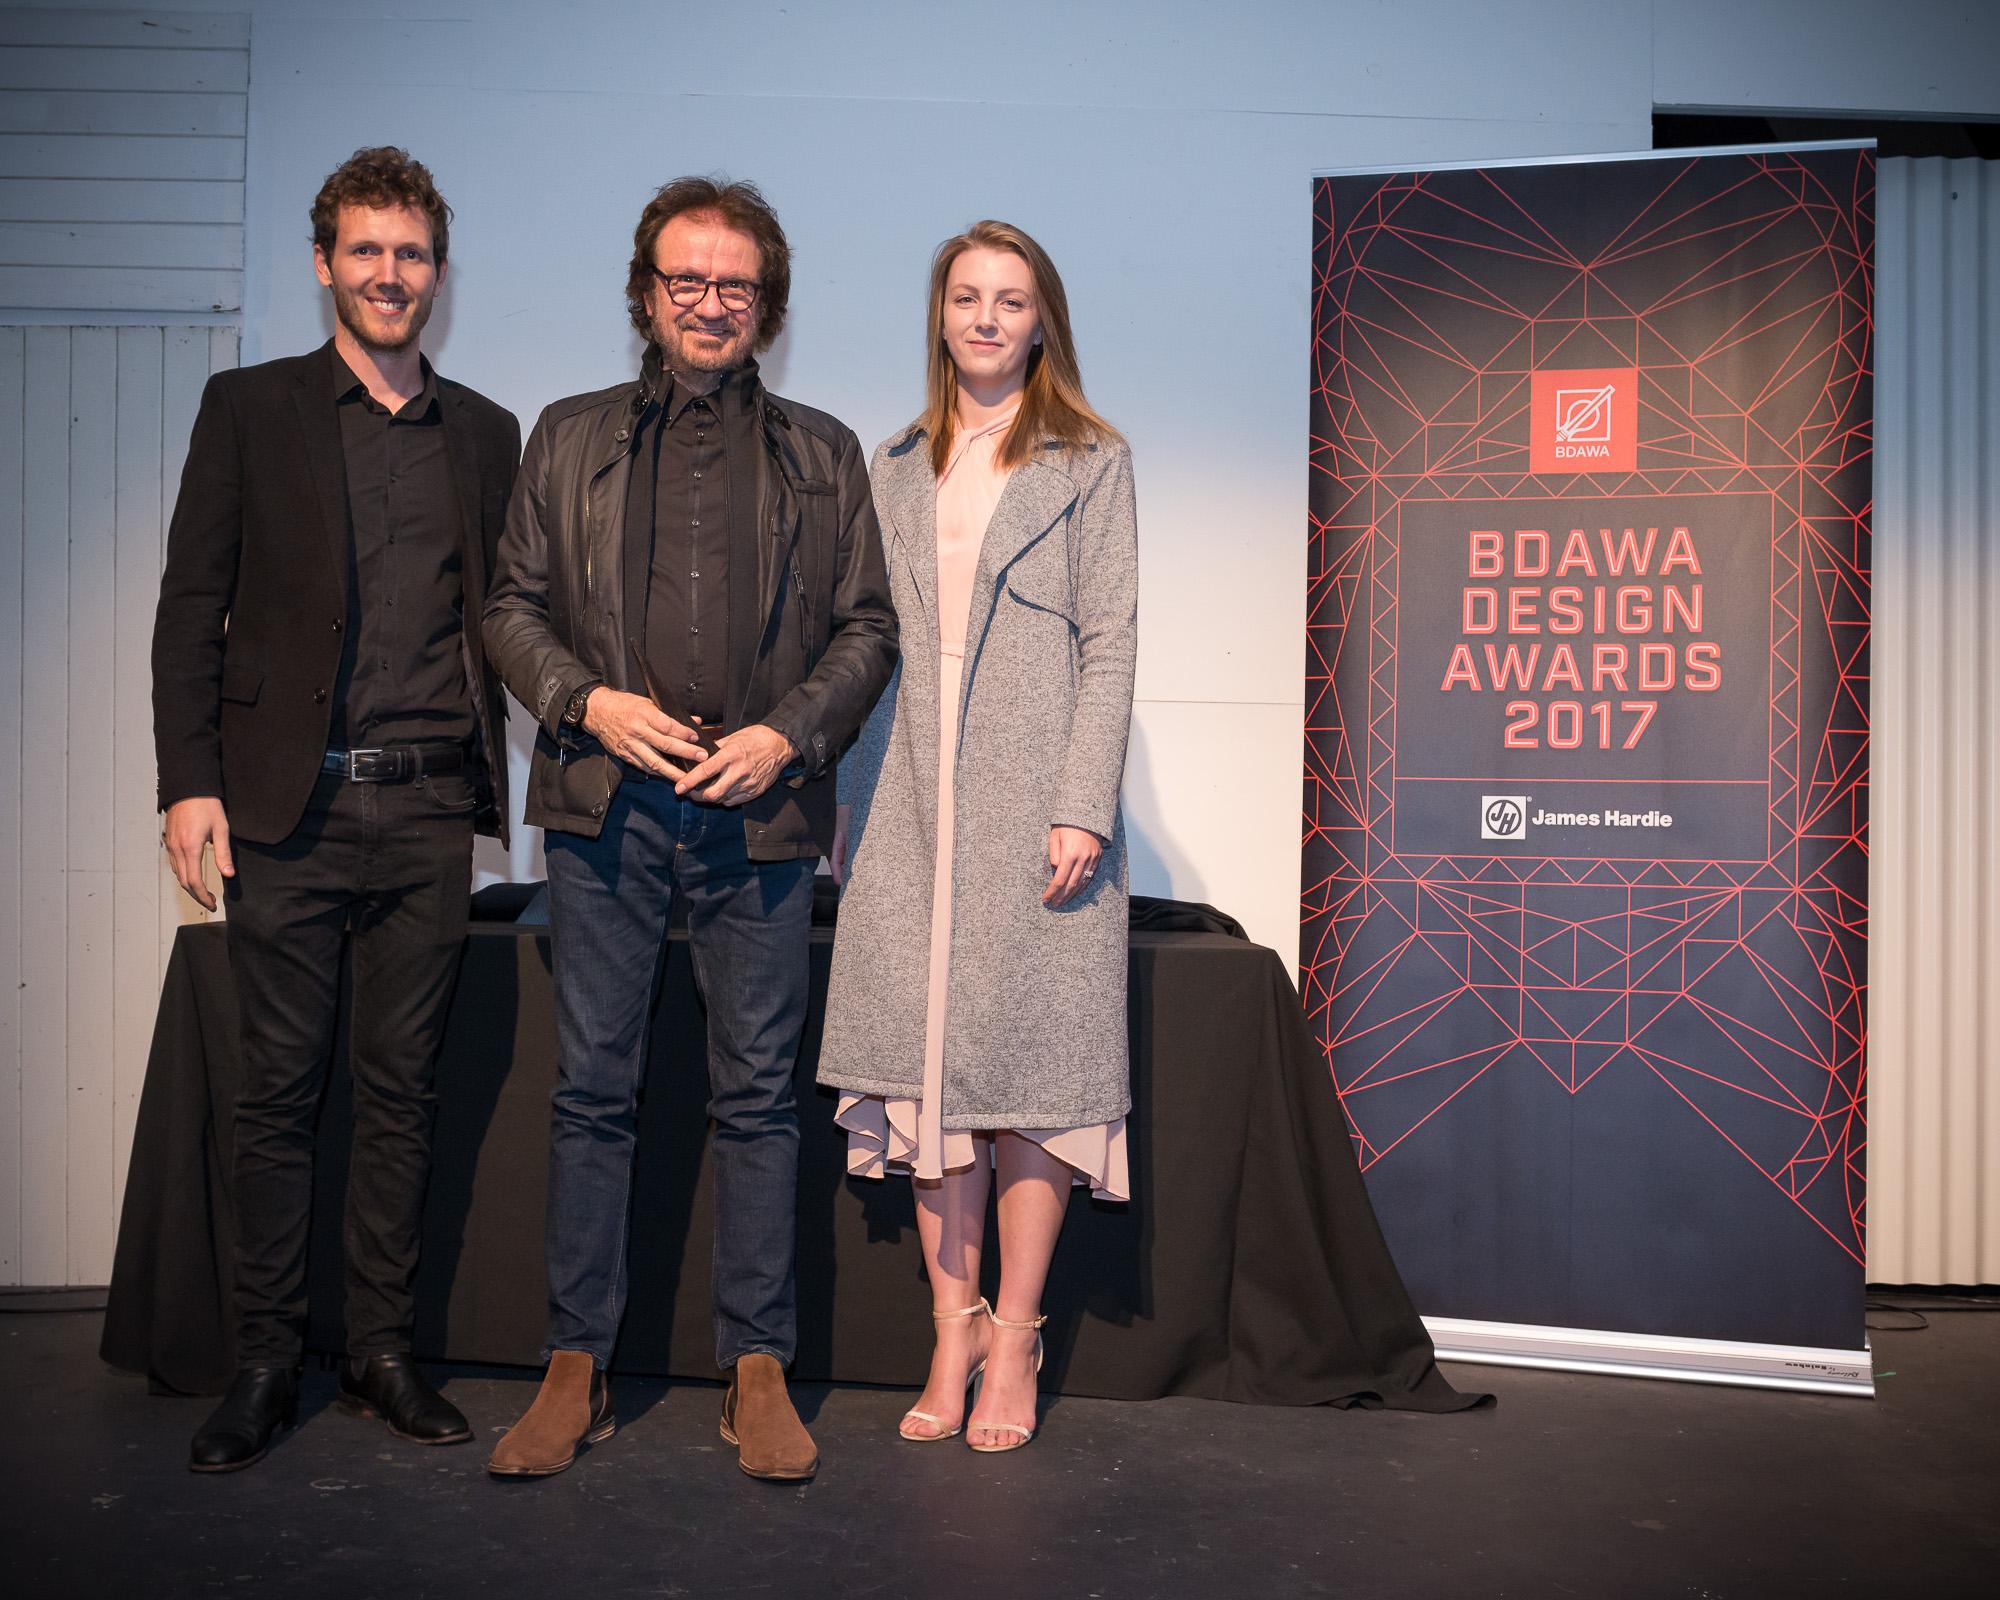 0190 BDA WA Awards 2017 _JHG7491.jpg